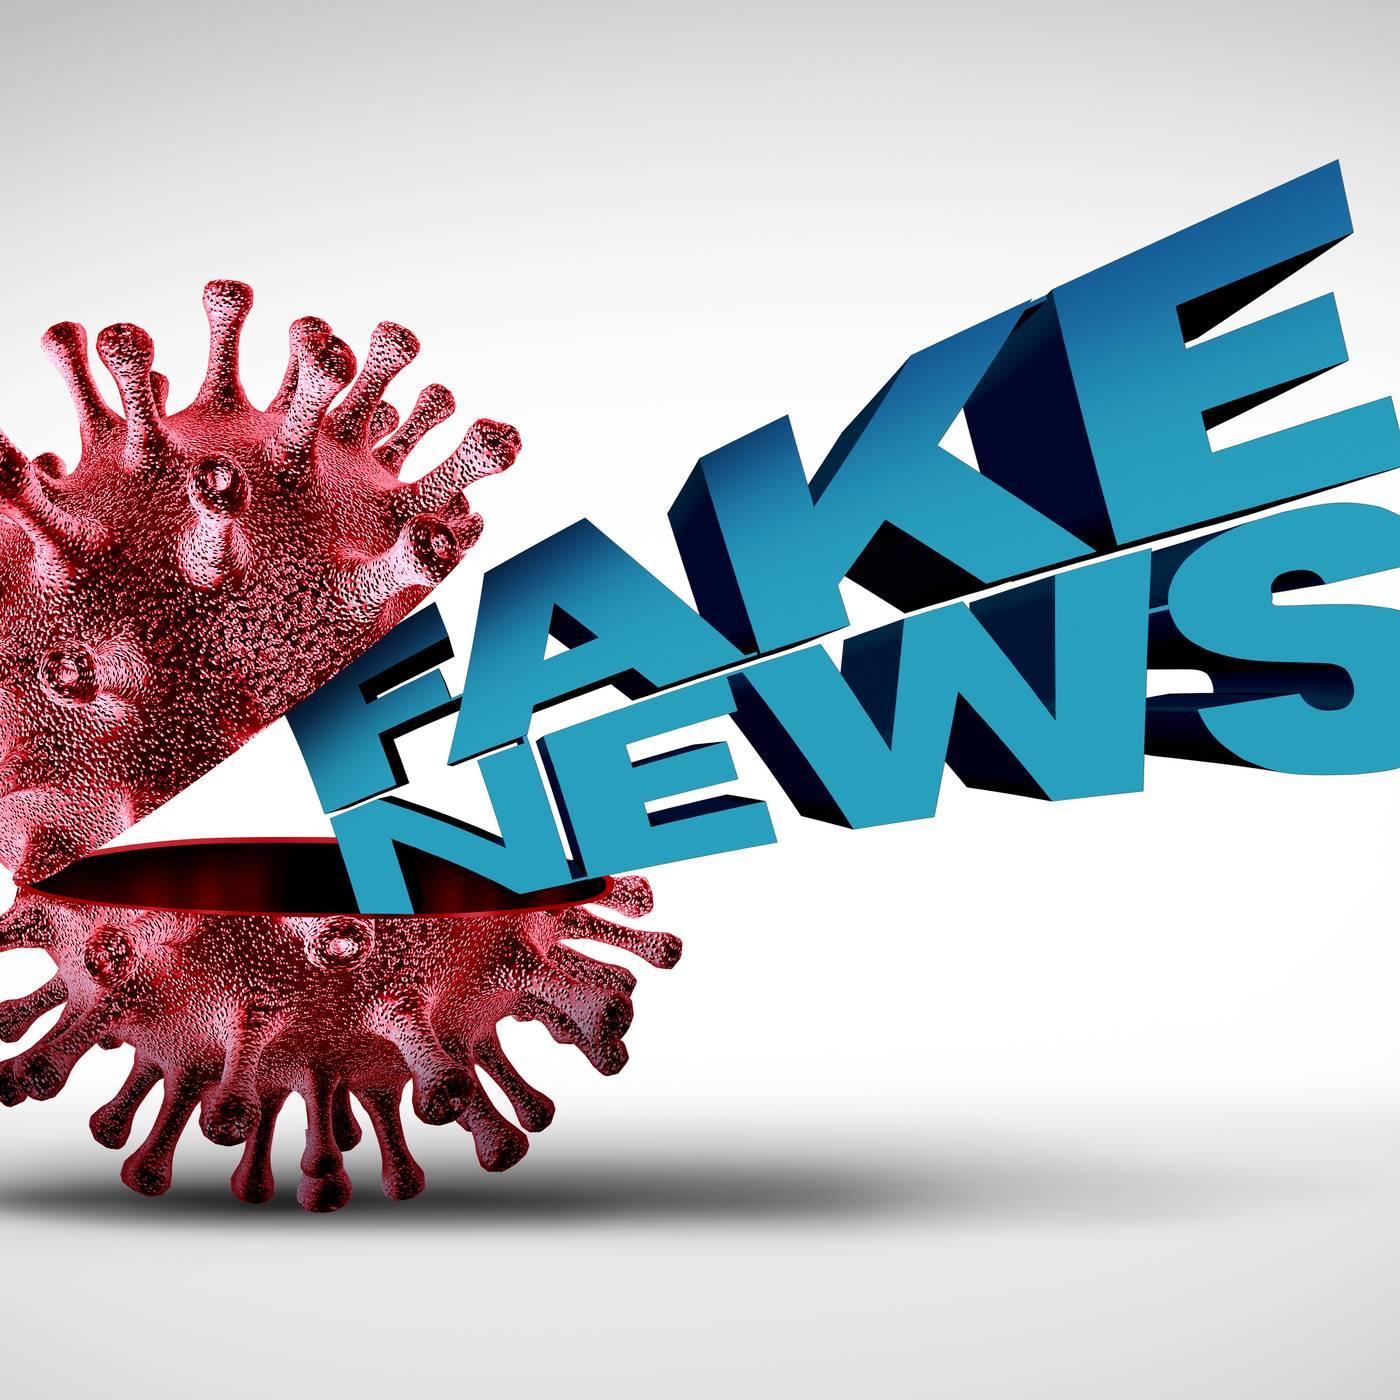 Projeto prevê punição para quem se recusar a vacinar ou distribuir fake news sobre vacina